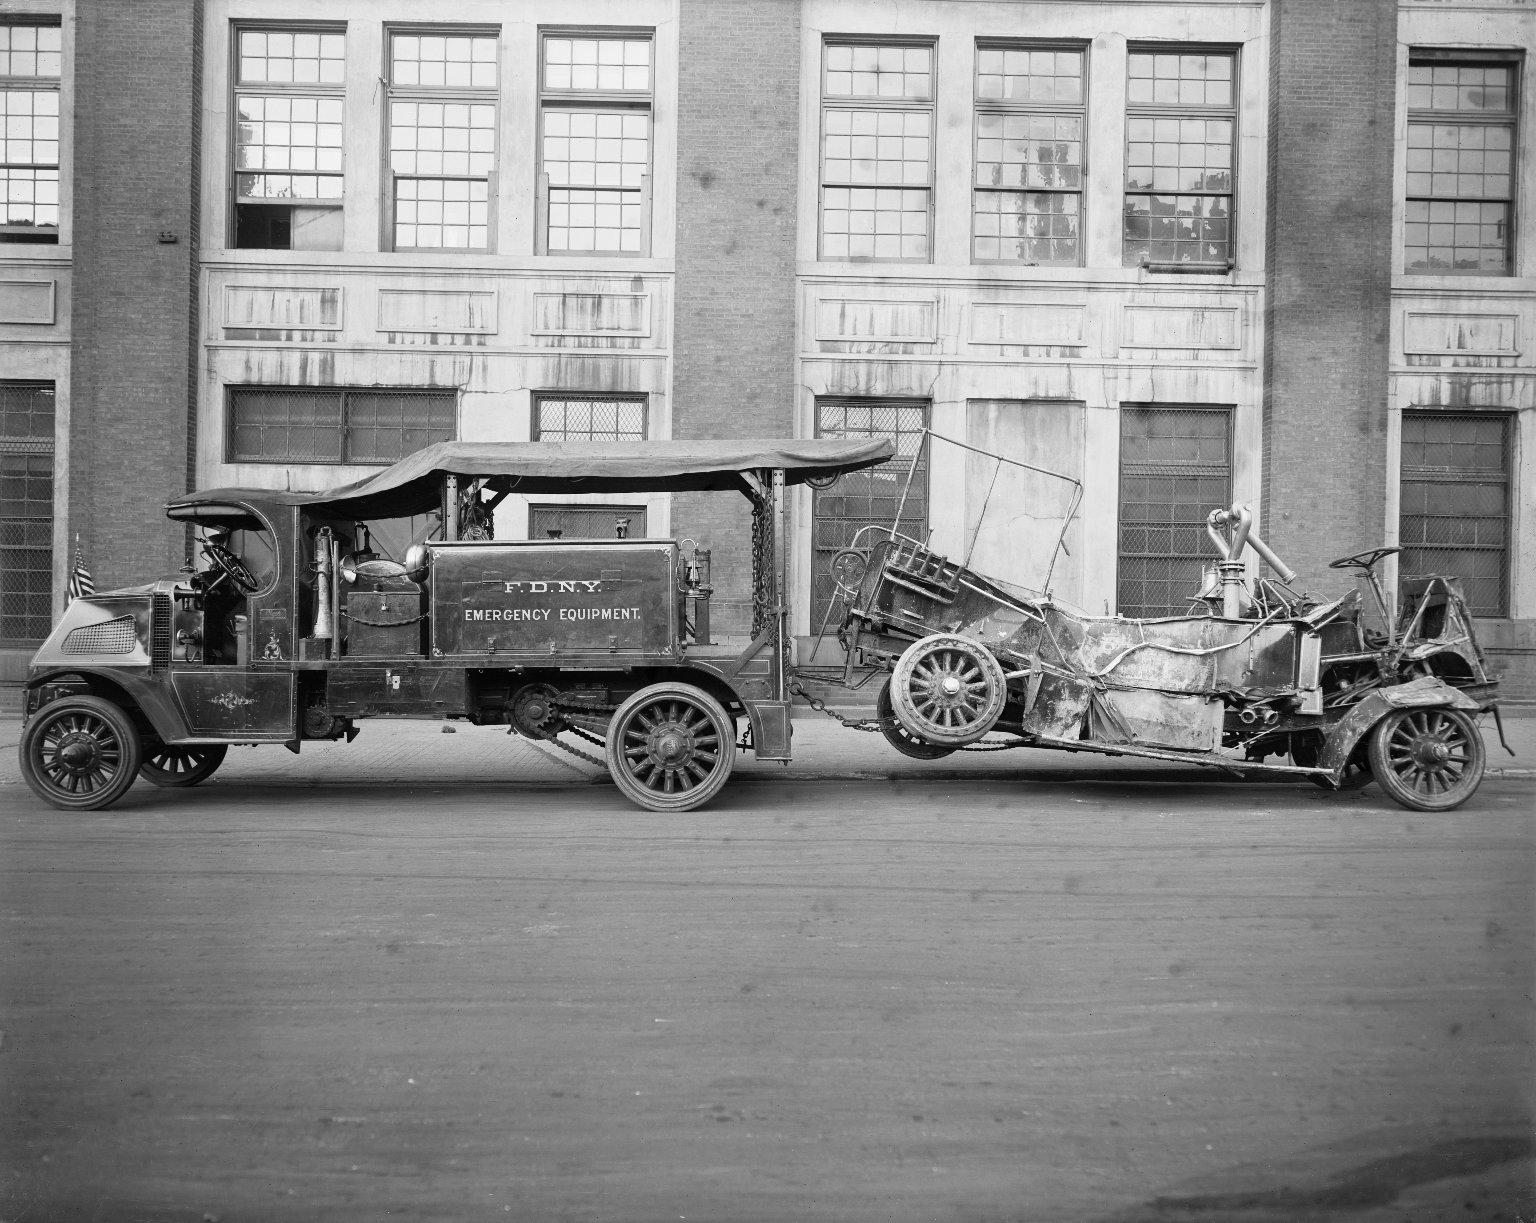 Эвакуация уничтоженного пожарного автомобиля. Нью-Йорк, США. 1920-е